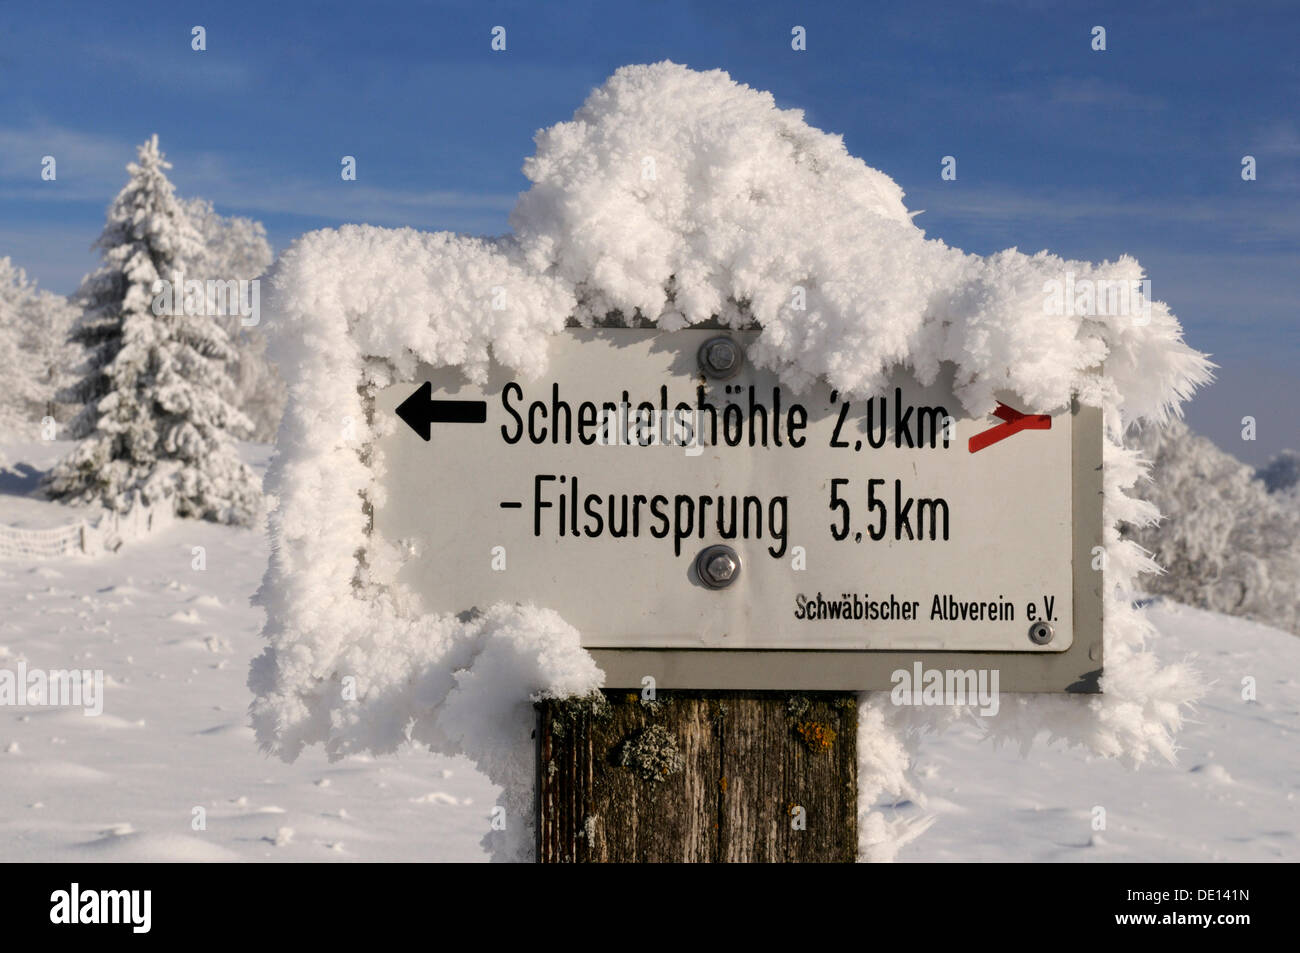 Signpost in the Biosphaerengebiet Schwaebische Alb biosphere reserve, Swabian Alb, Baden-Wuerttemberg - Stock Image